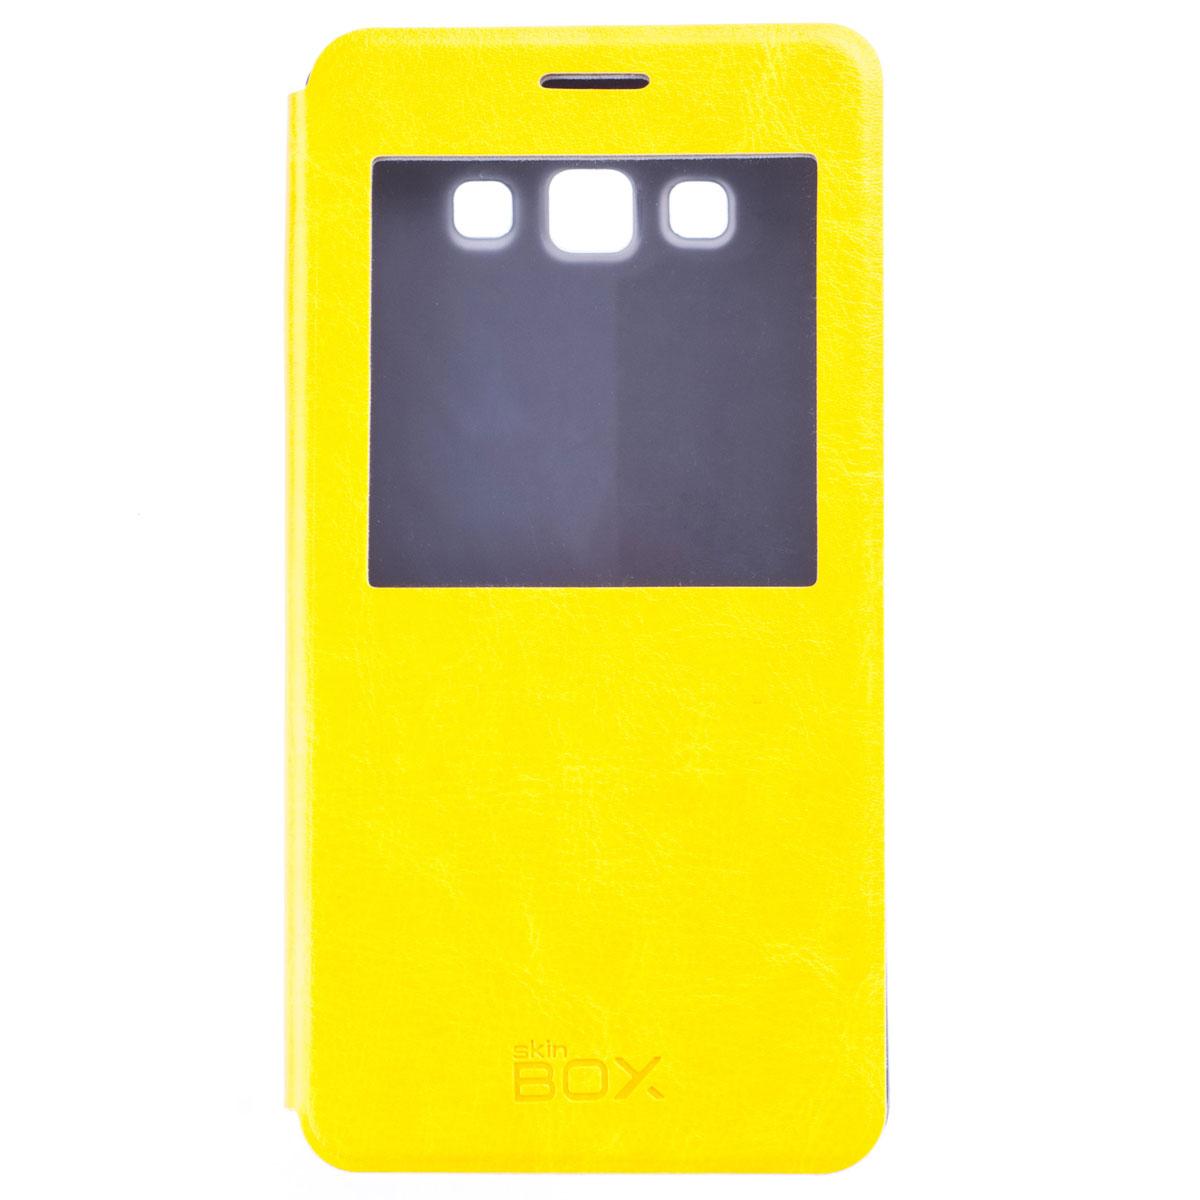 Skinbox Lux AW чехол для Samsung Galaxy A7, YellowT-S-SA700-004Чехол Skinbox Lux AW выполнен из высококачественного поликарбоната и экокожи. Он обеспечивает надежную защиту корпуса и экрана смартфона и надолго сохраняет его привлекательный внешний вид. Чехол также обеспечивает свободный доступ ко всем разъемам и клавишам устройства.